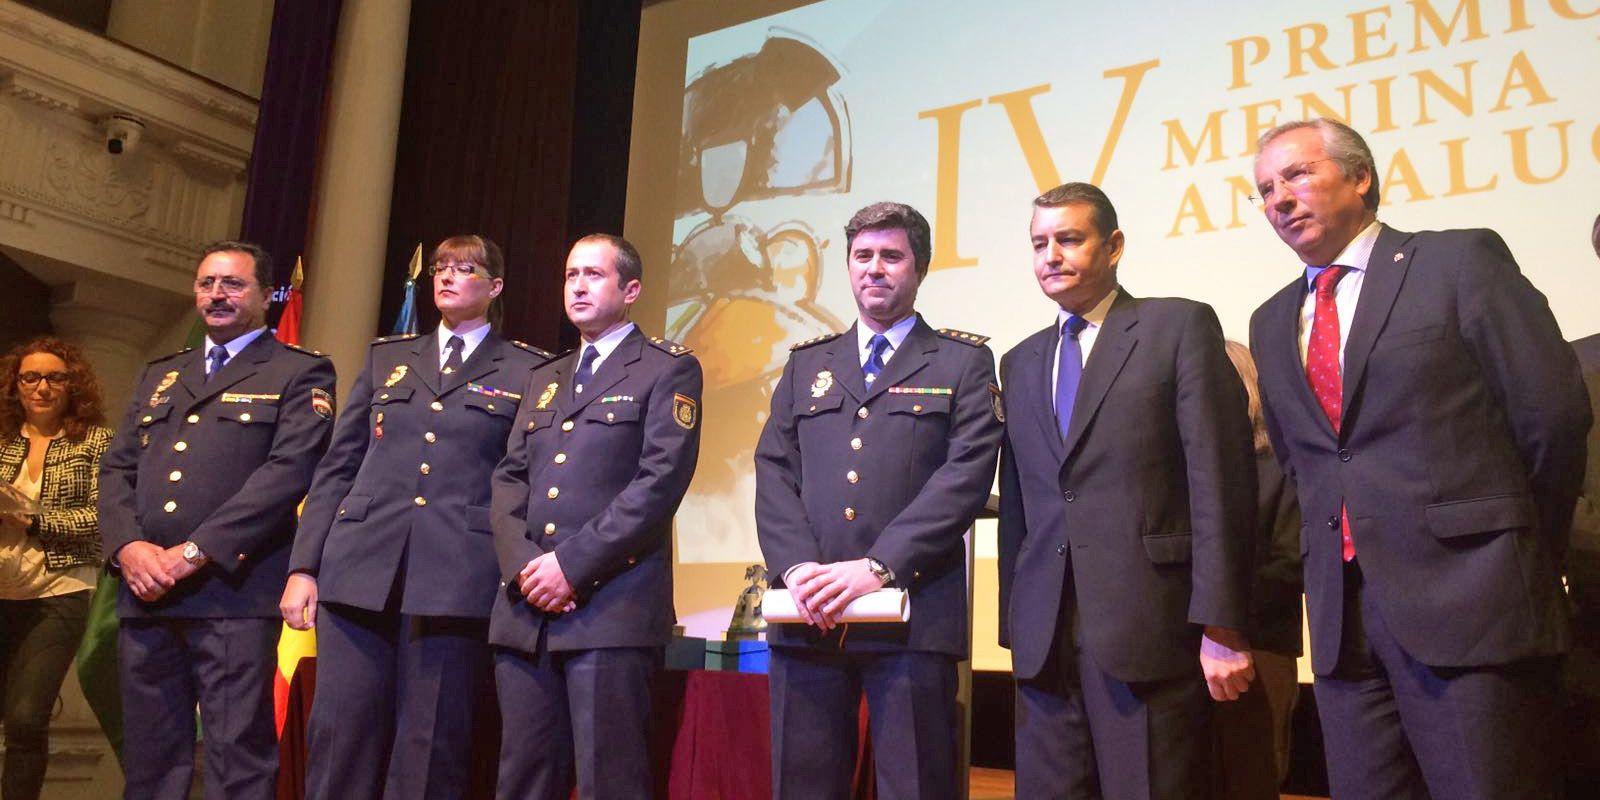 El delegado del Gobierno en Andalucía, Antonio Sanz, ha hecho entrega del galardón a la Unidad de Atención a la Familia y Mujer –UFAM- de la Policía Nacional de Jerez, recogiendo el galardón Carlos Serra, comisario jefe.